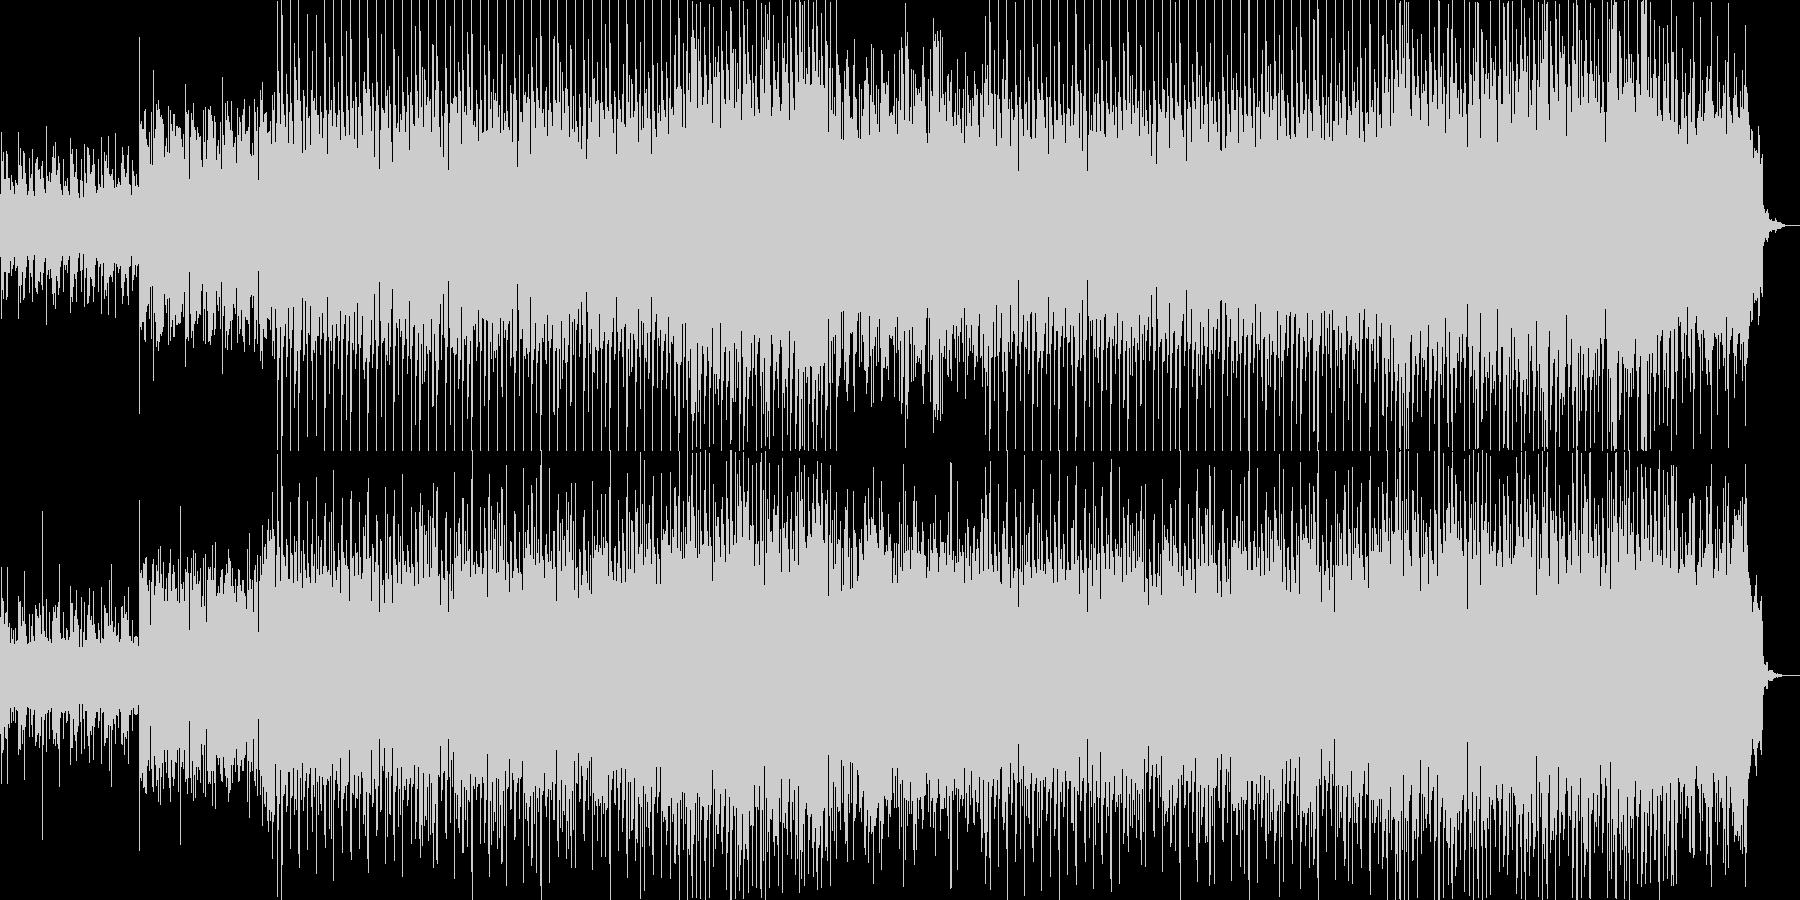 躍動的なポップハウス曲の未再生の波形